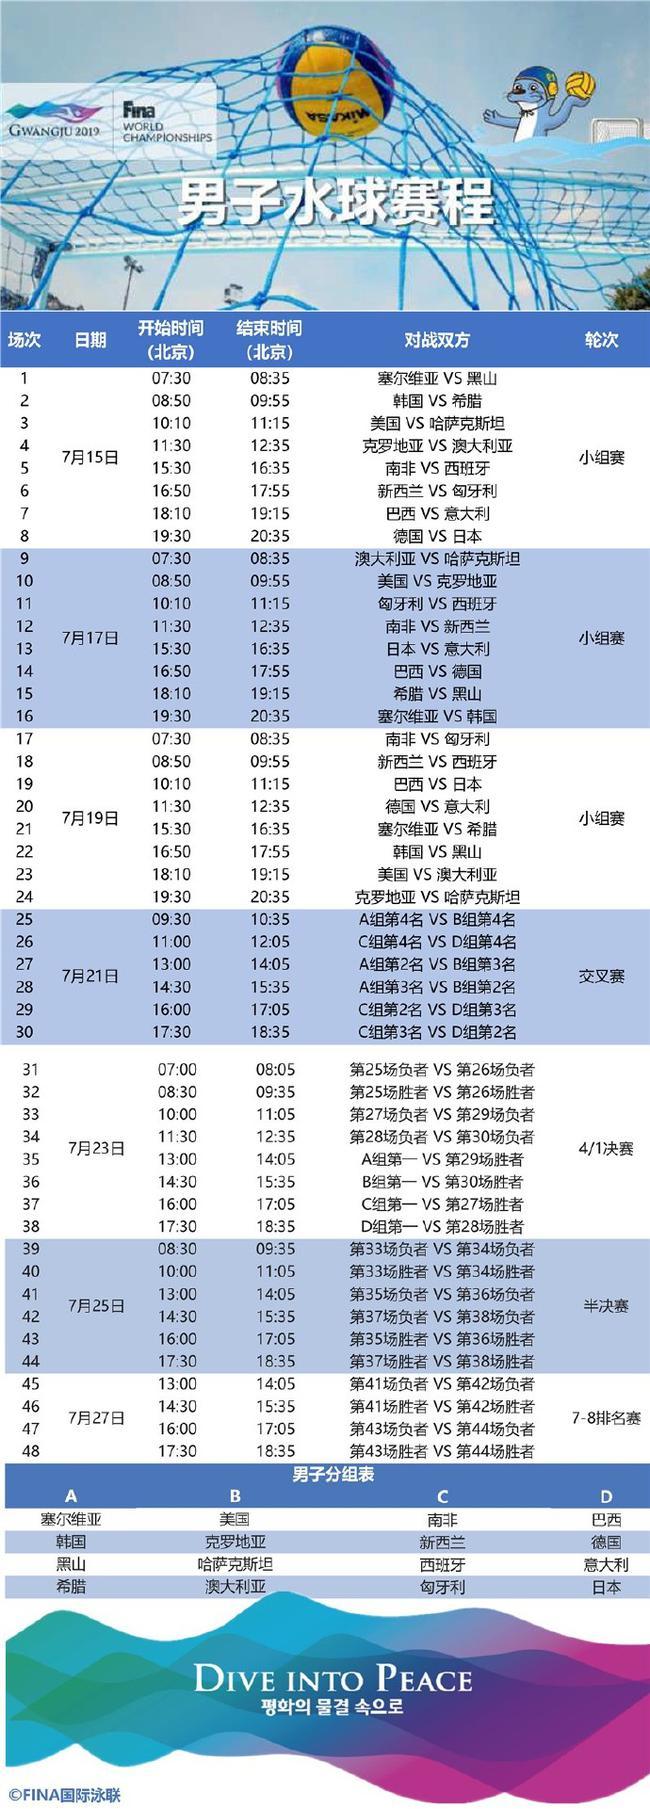 游泳世锦赛中国女子水球队出战 名单及赛程公布